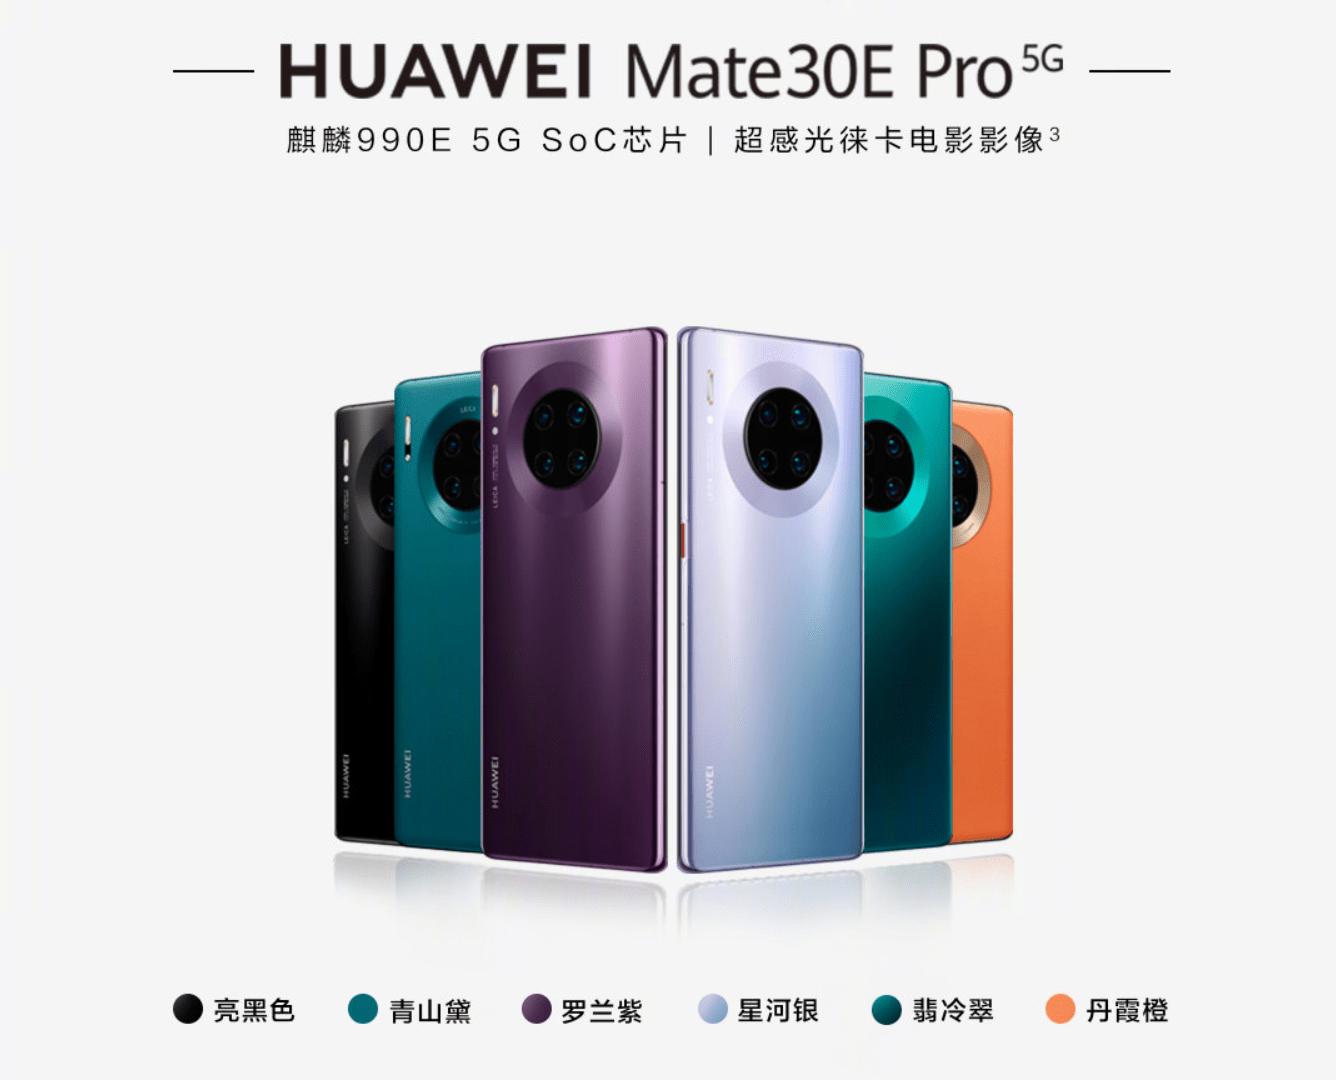 华为发布Mate30E Pro 5G:麒麟990E处理器